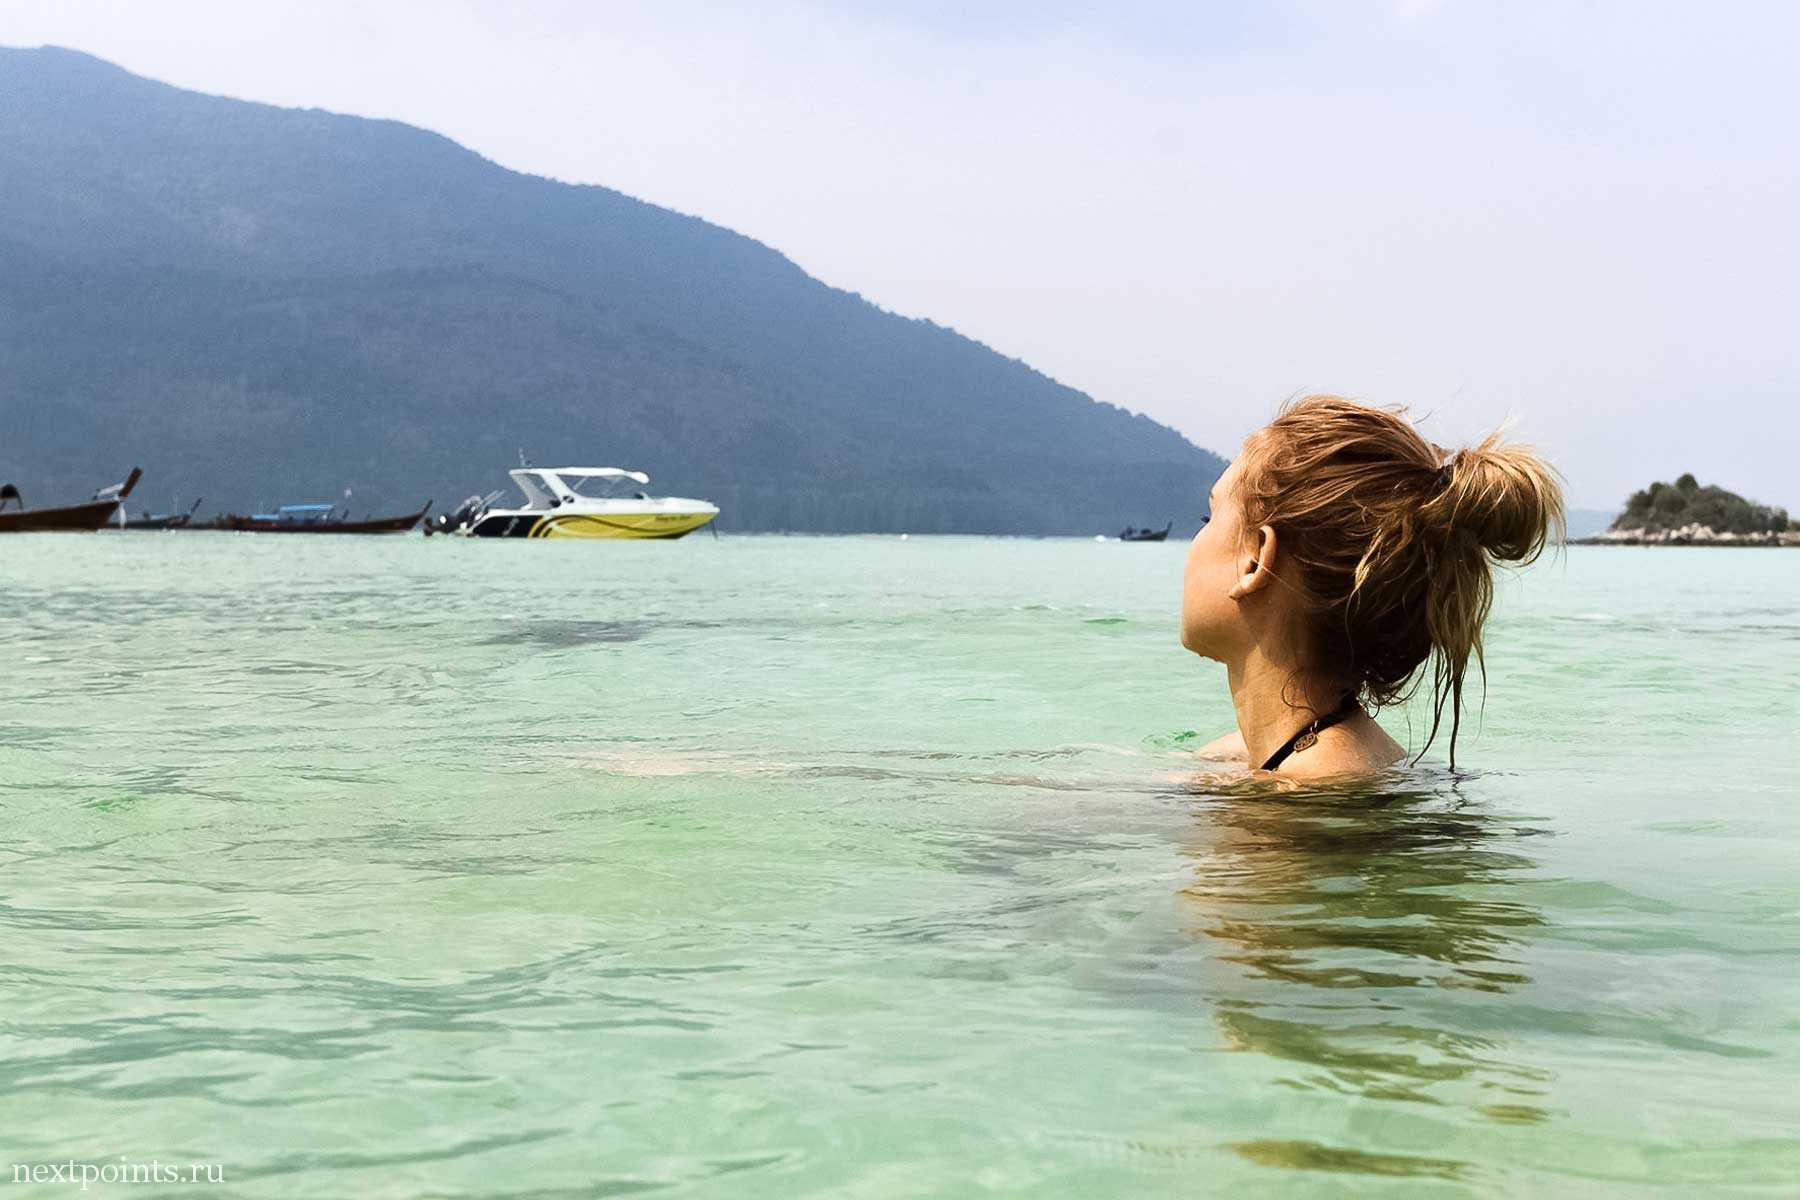 Смотрю на остров Ко Анданг рядом с Ко Липе